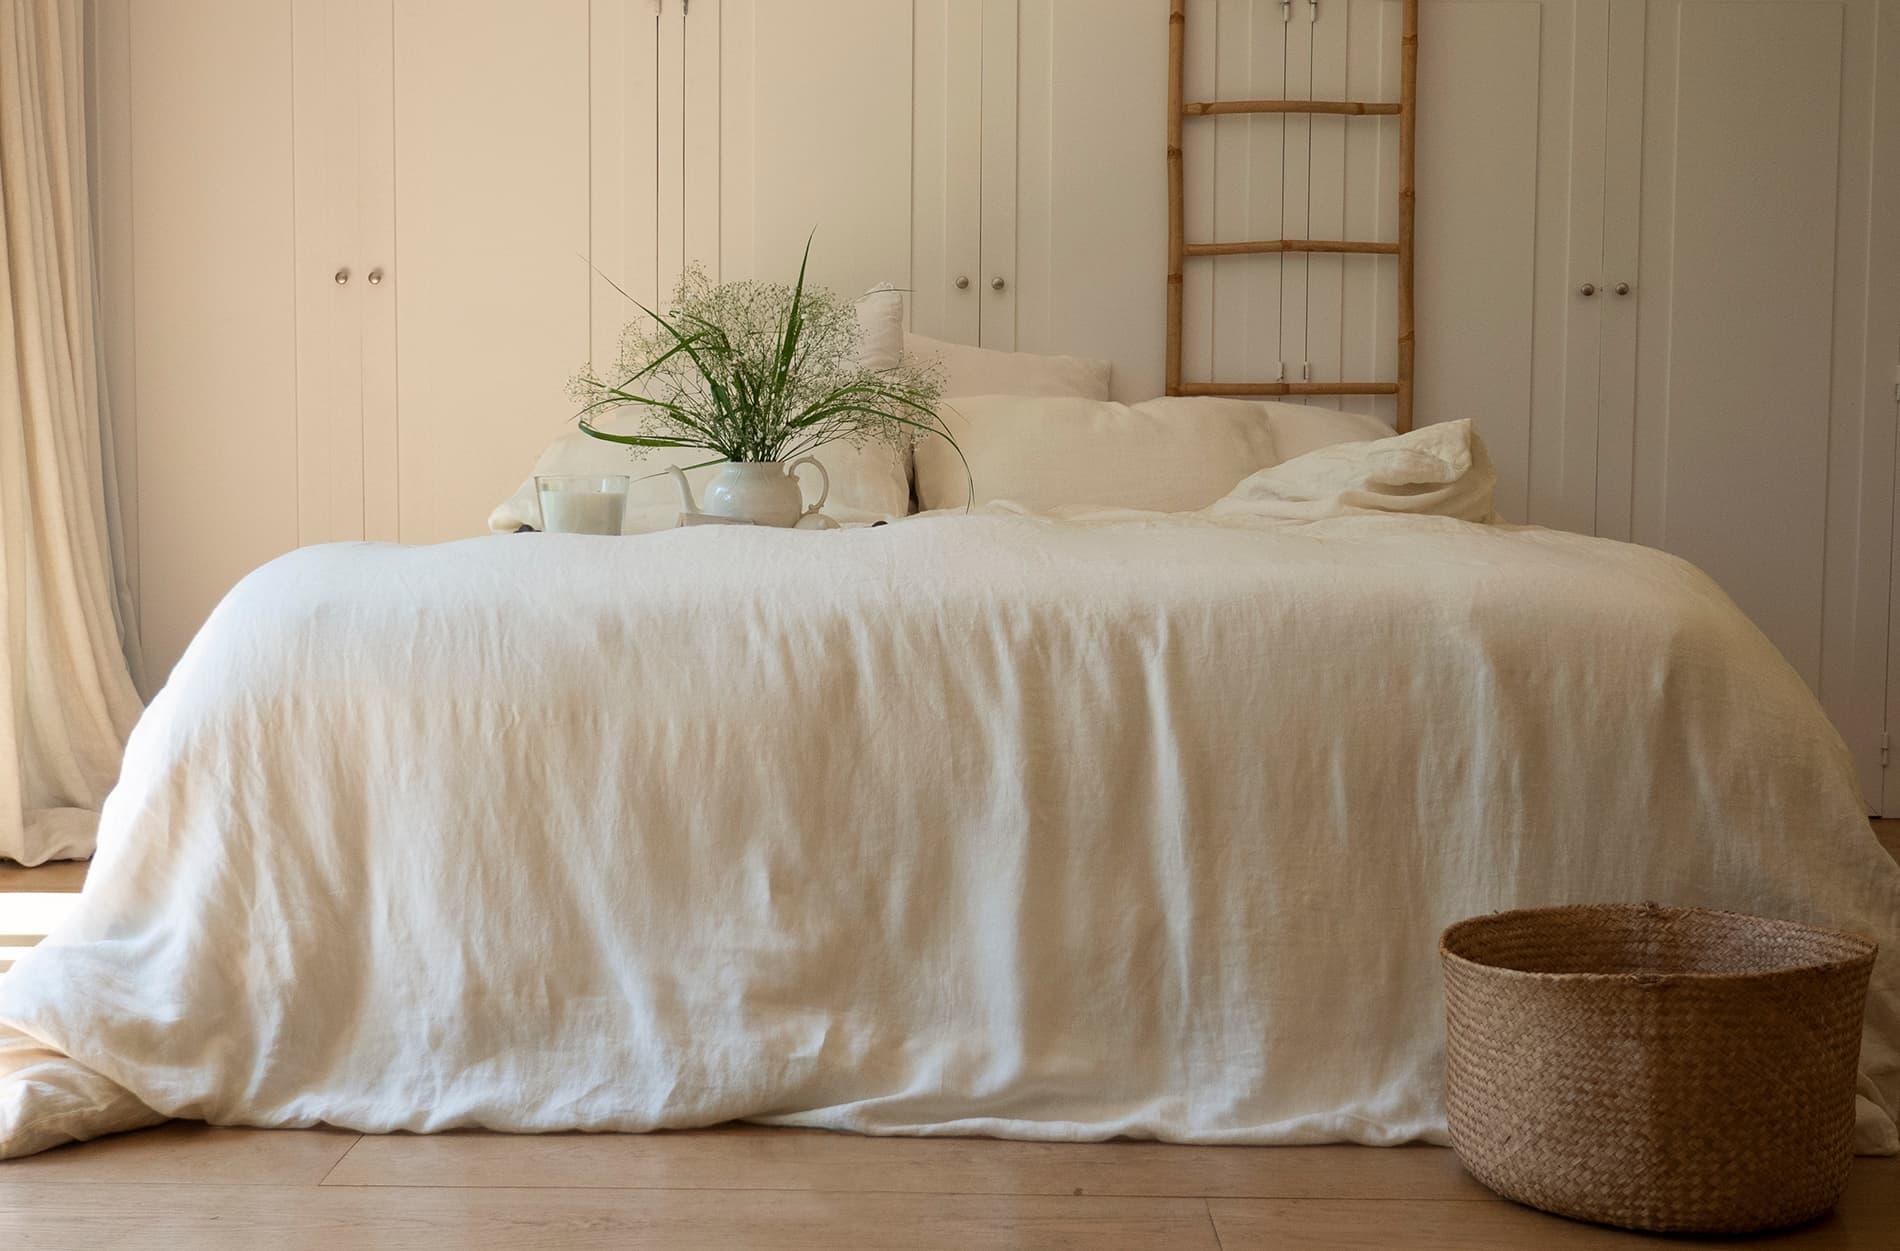 IVOIRE - Parure de lit en lin lavé ivoire 240x220 cm